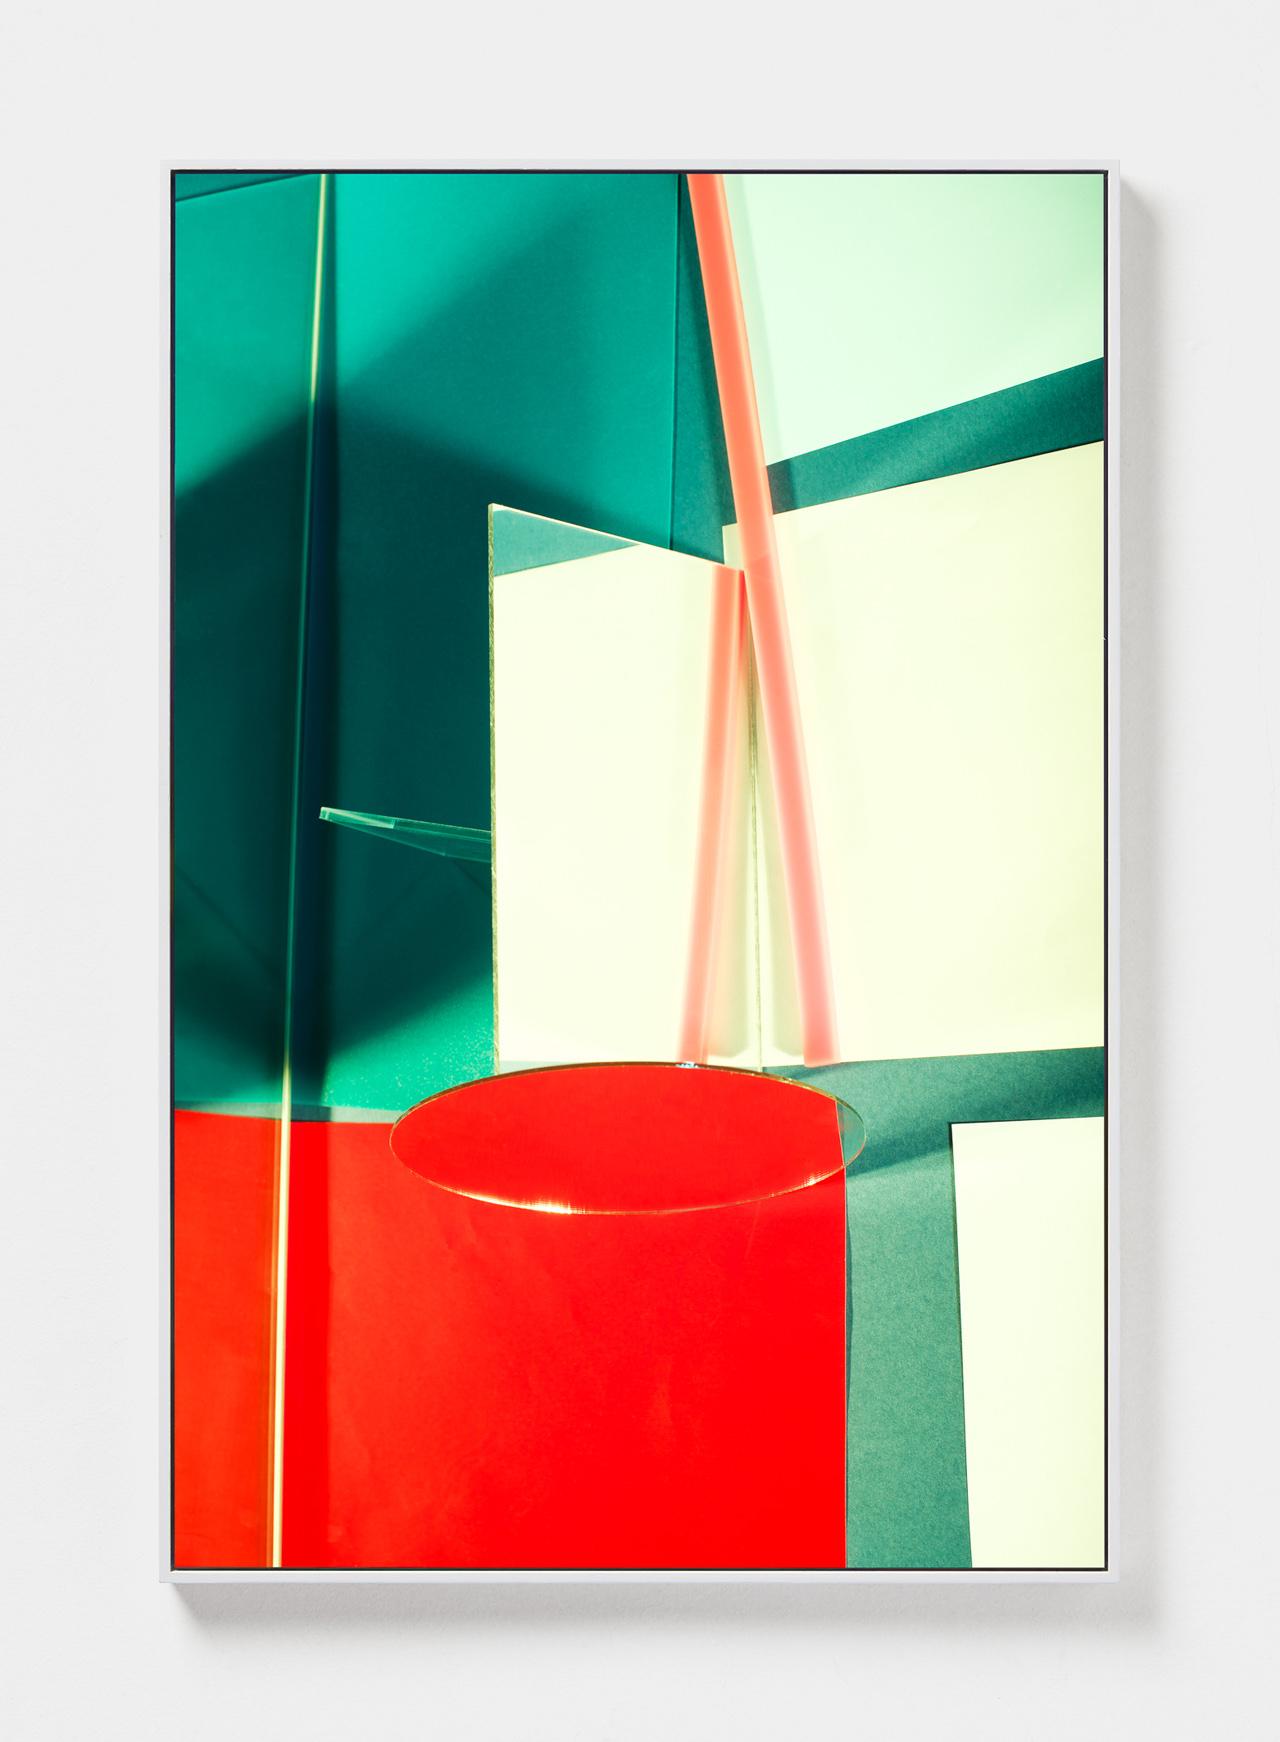 LYDIA WEGNER   Green Mirror  2019 Archival inkjet print, steel frame 120 x 80cm